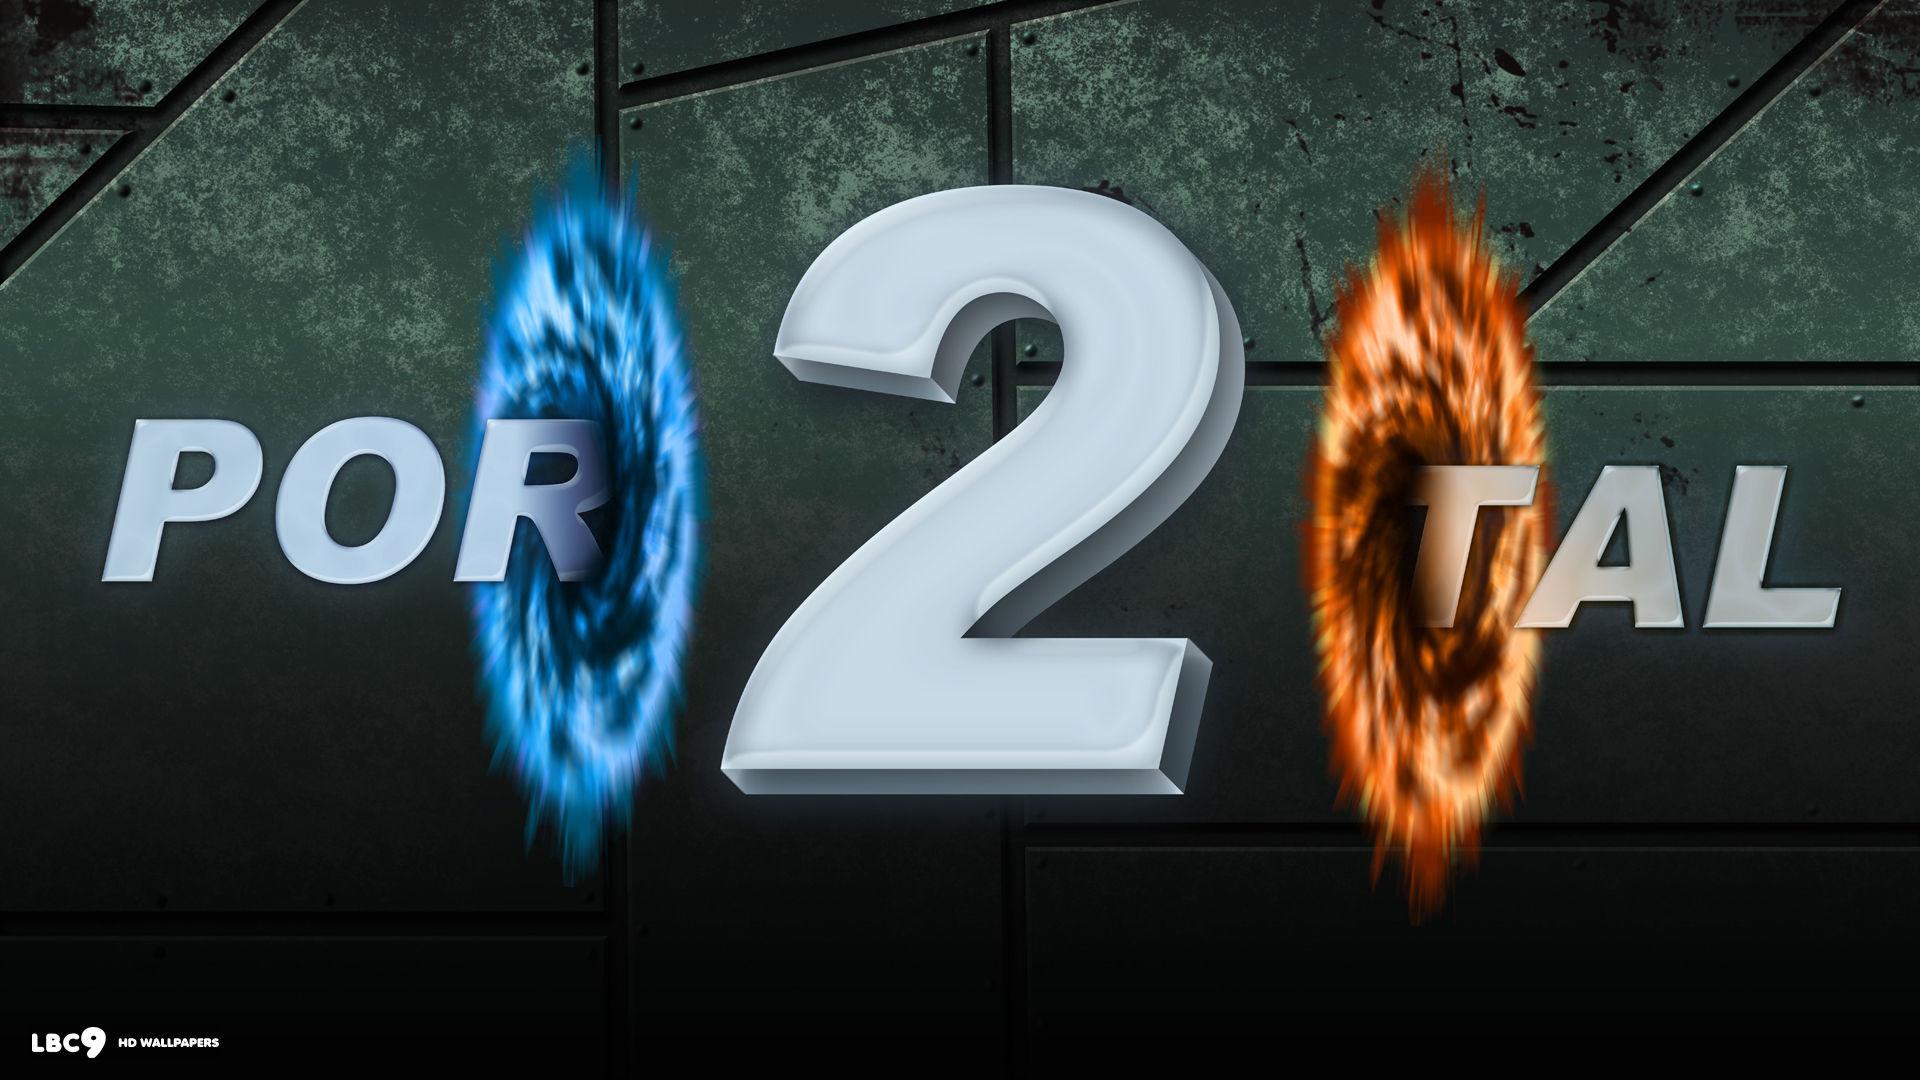 portal 2 game 1080p